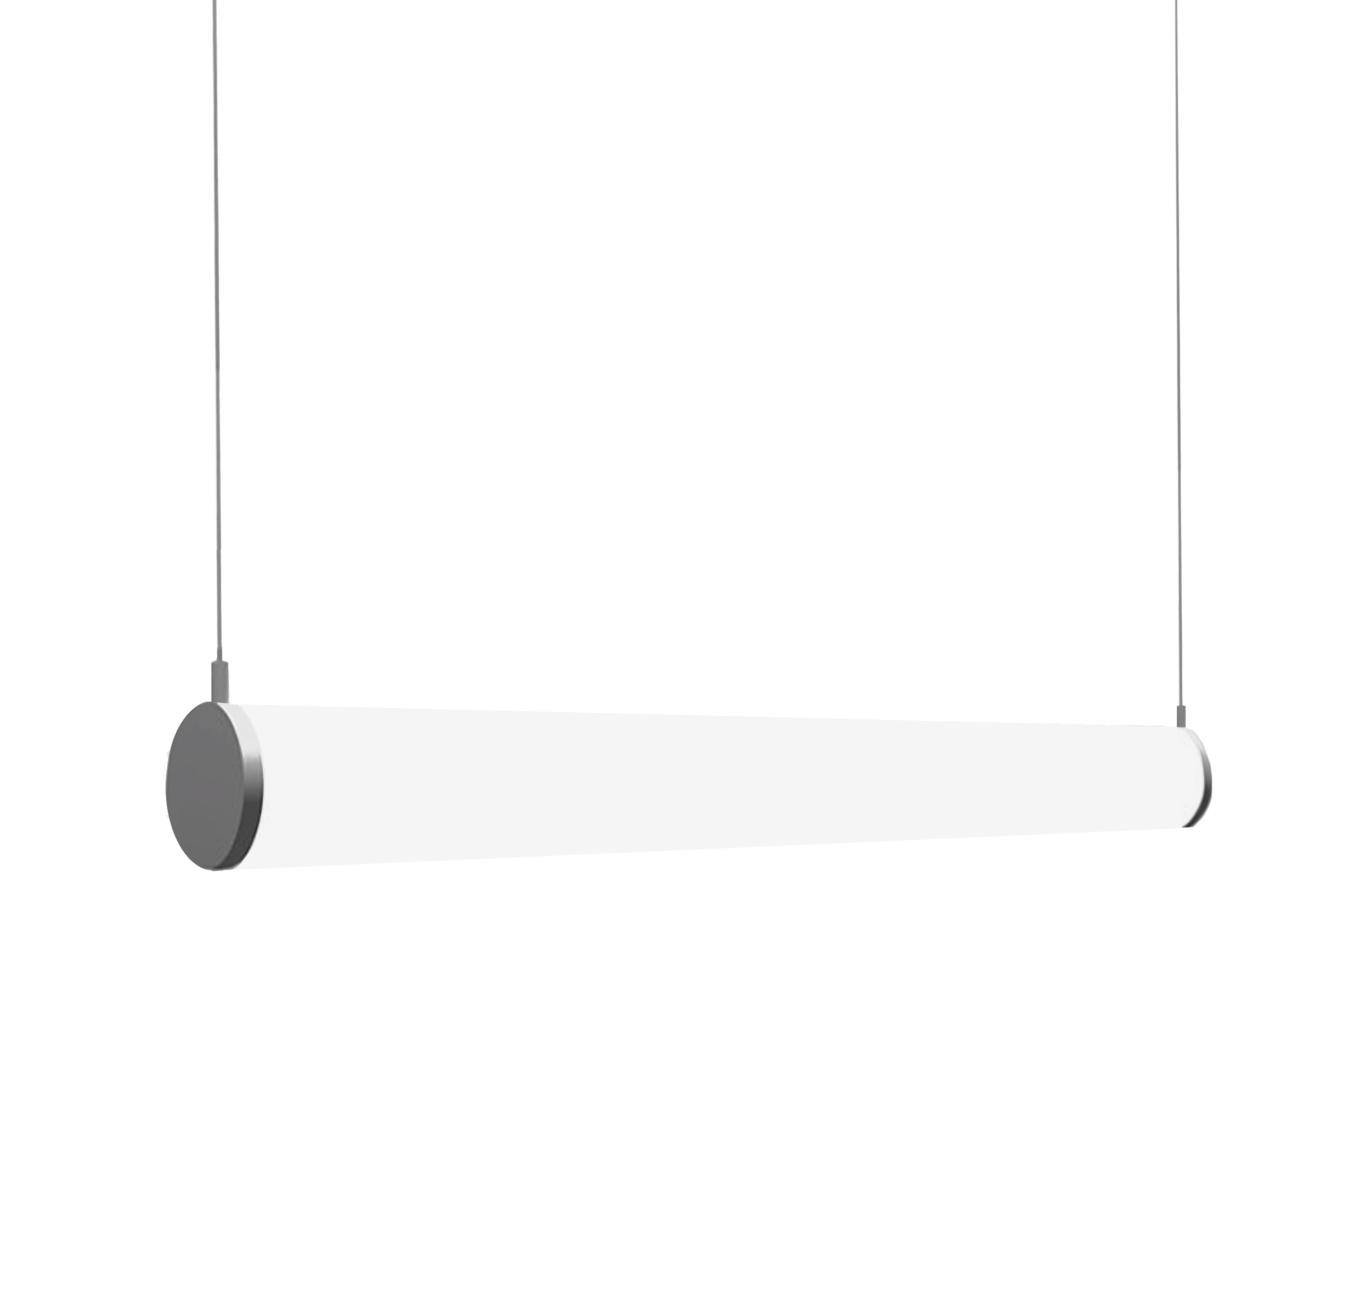 Светильник Roll-60 750мм. 4000К/3000К. 13W/27W купить в Санкт-Петербурге